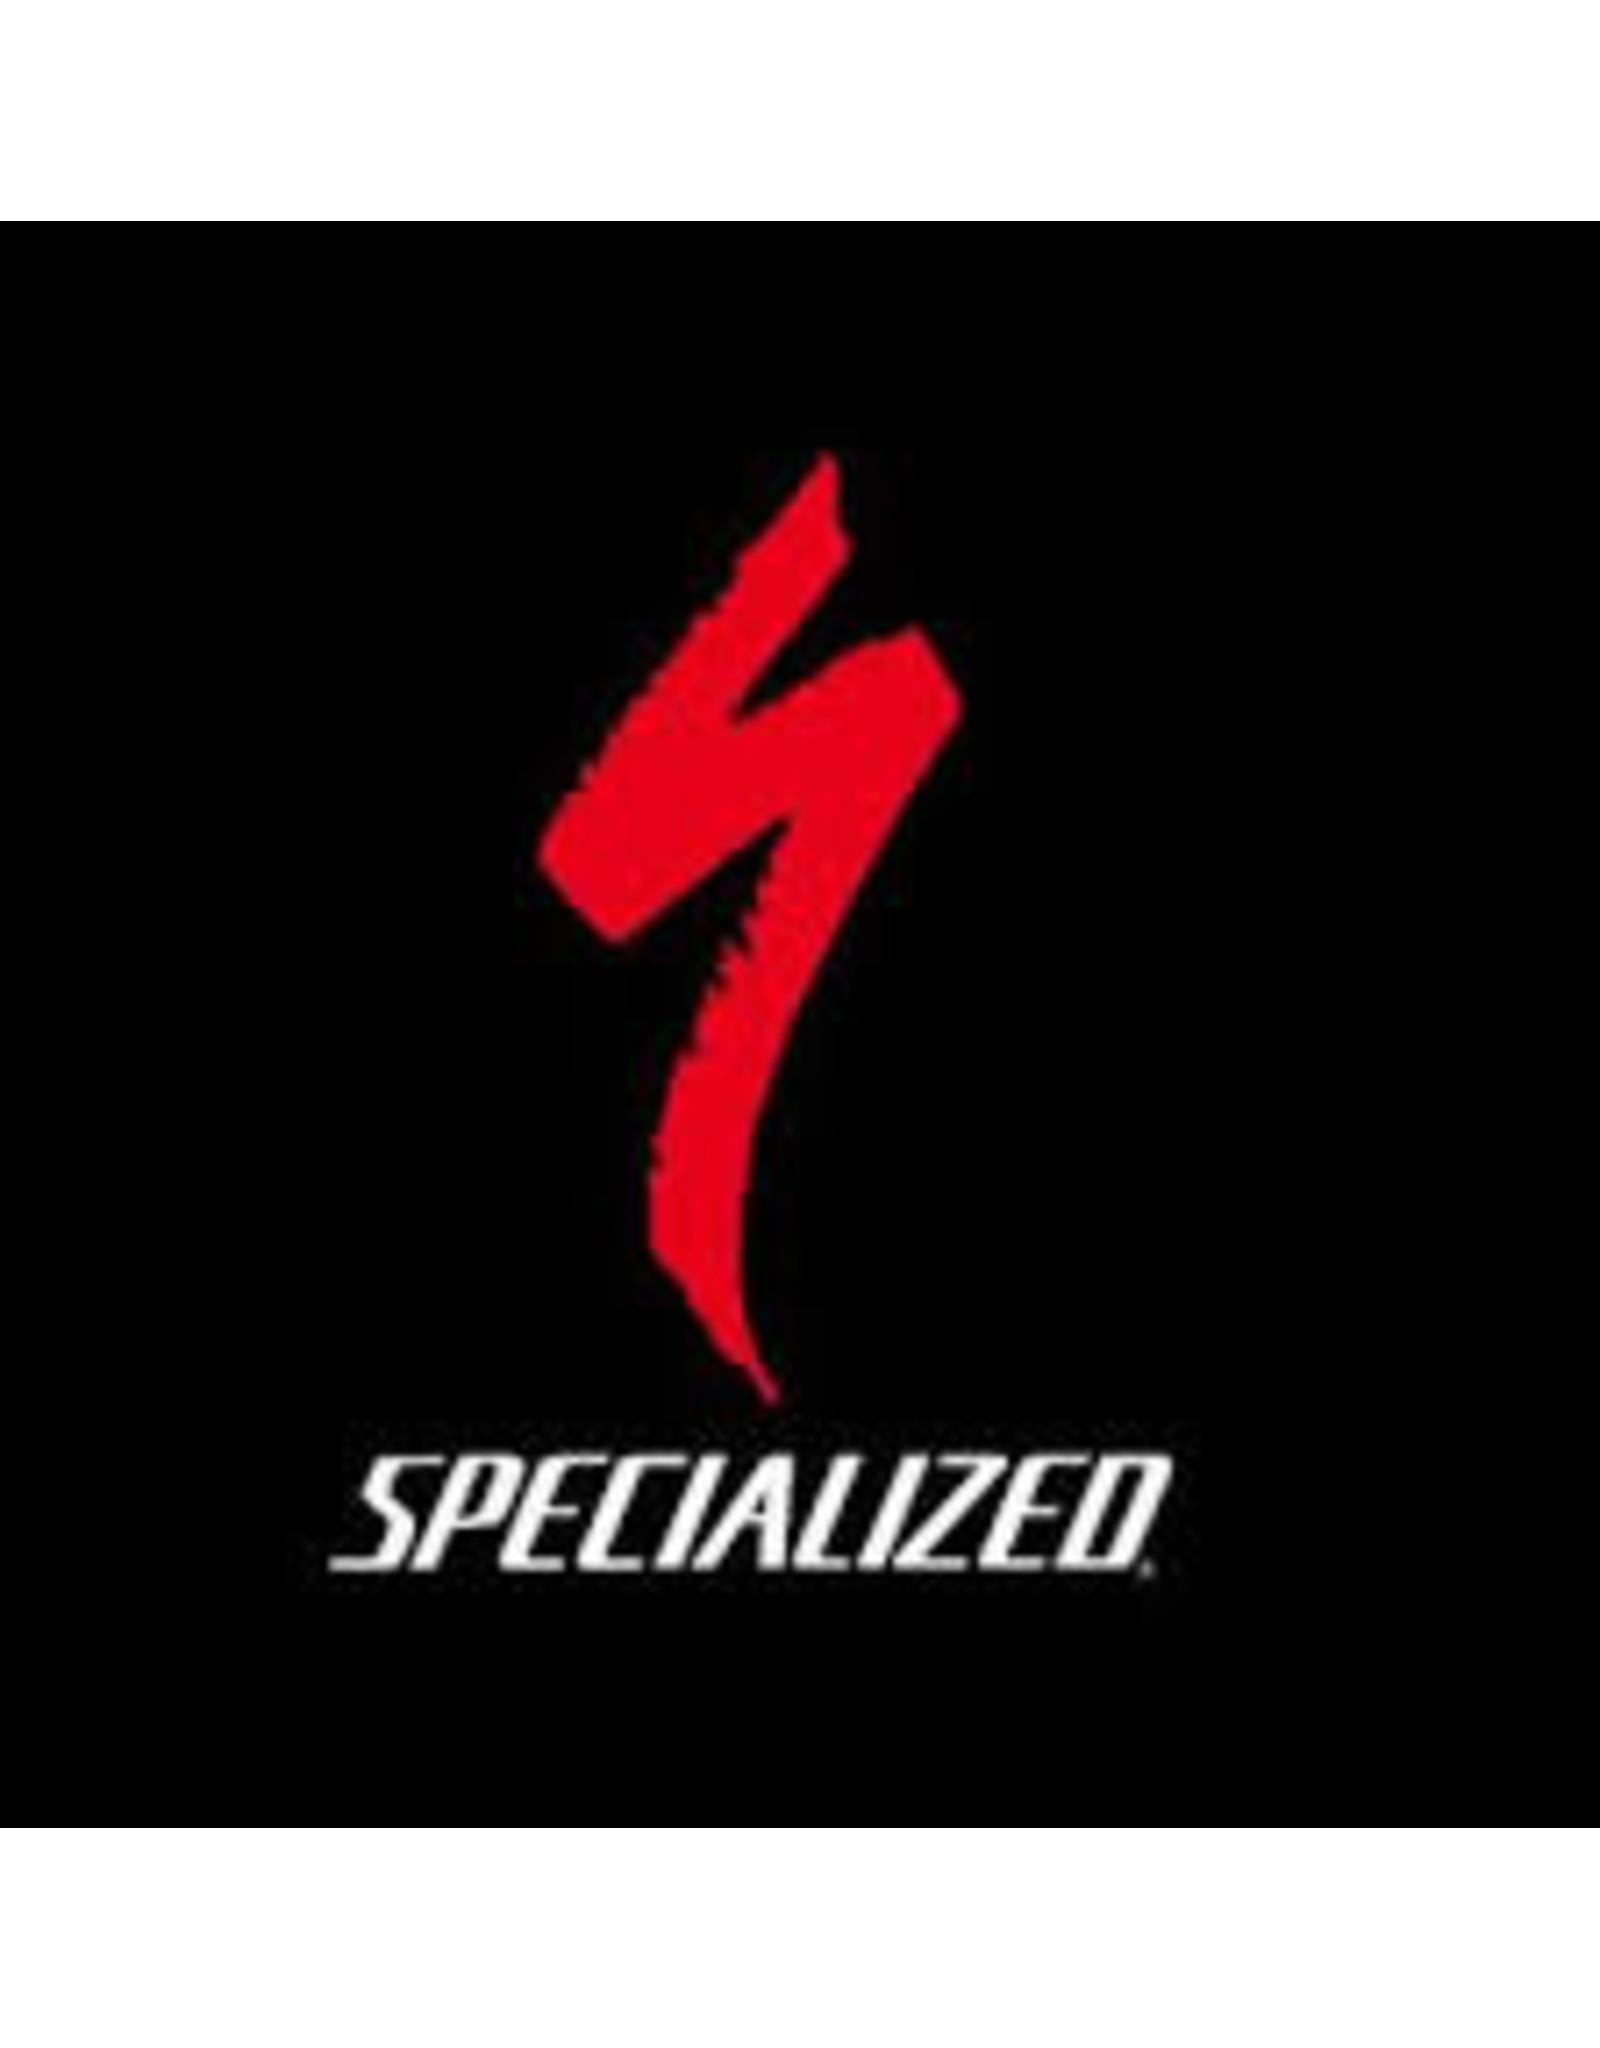 Specialized Specialized